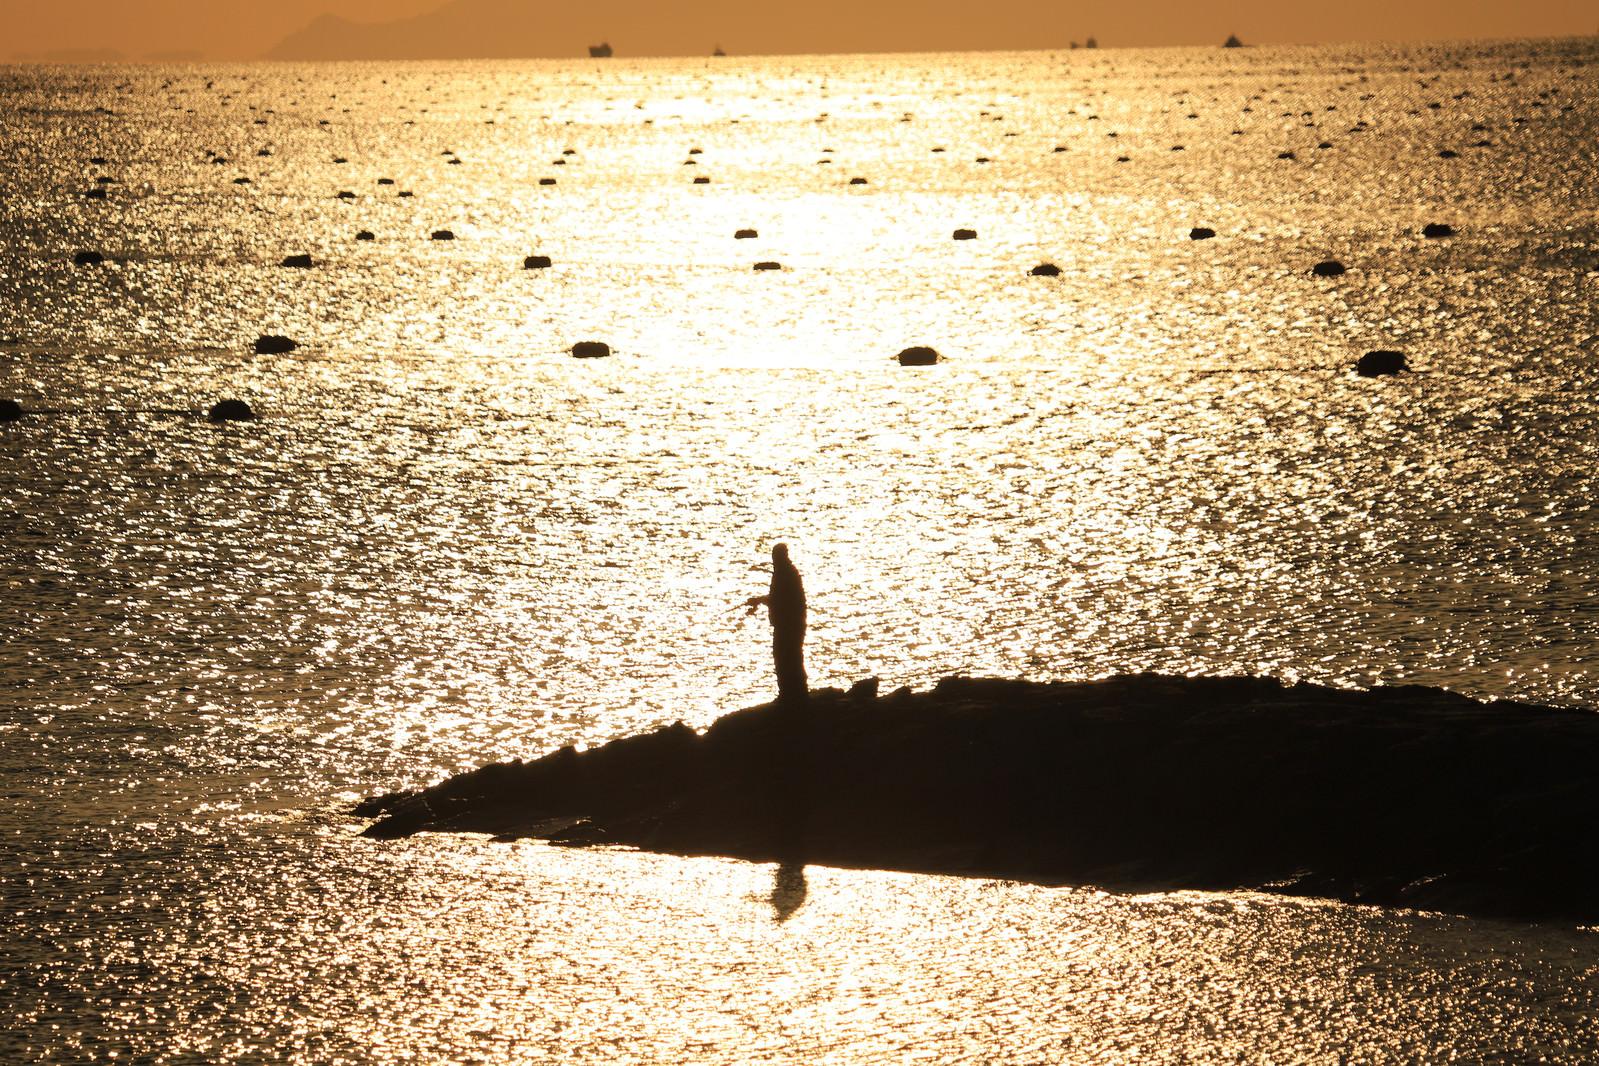 「夕焼けにきらめく海と釣り人」の写真